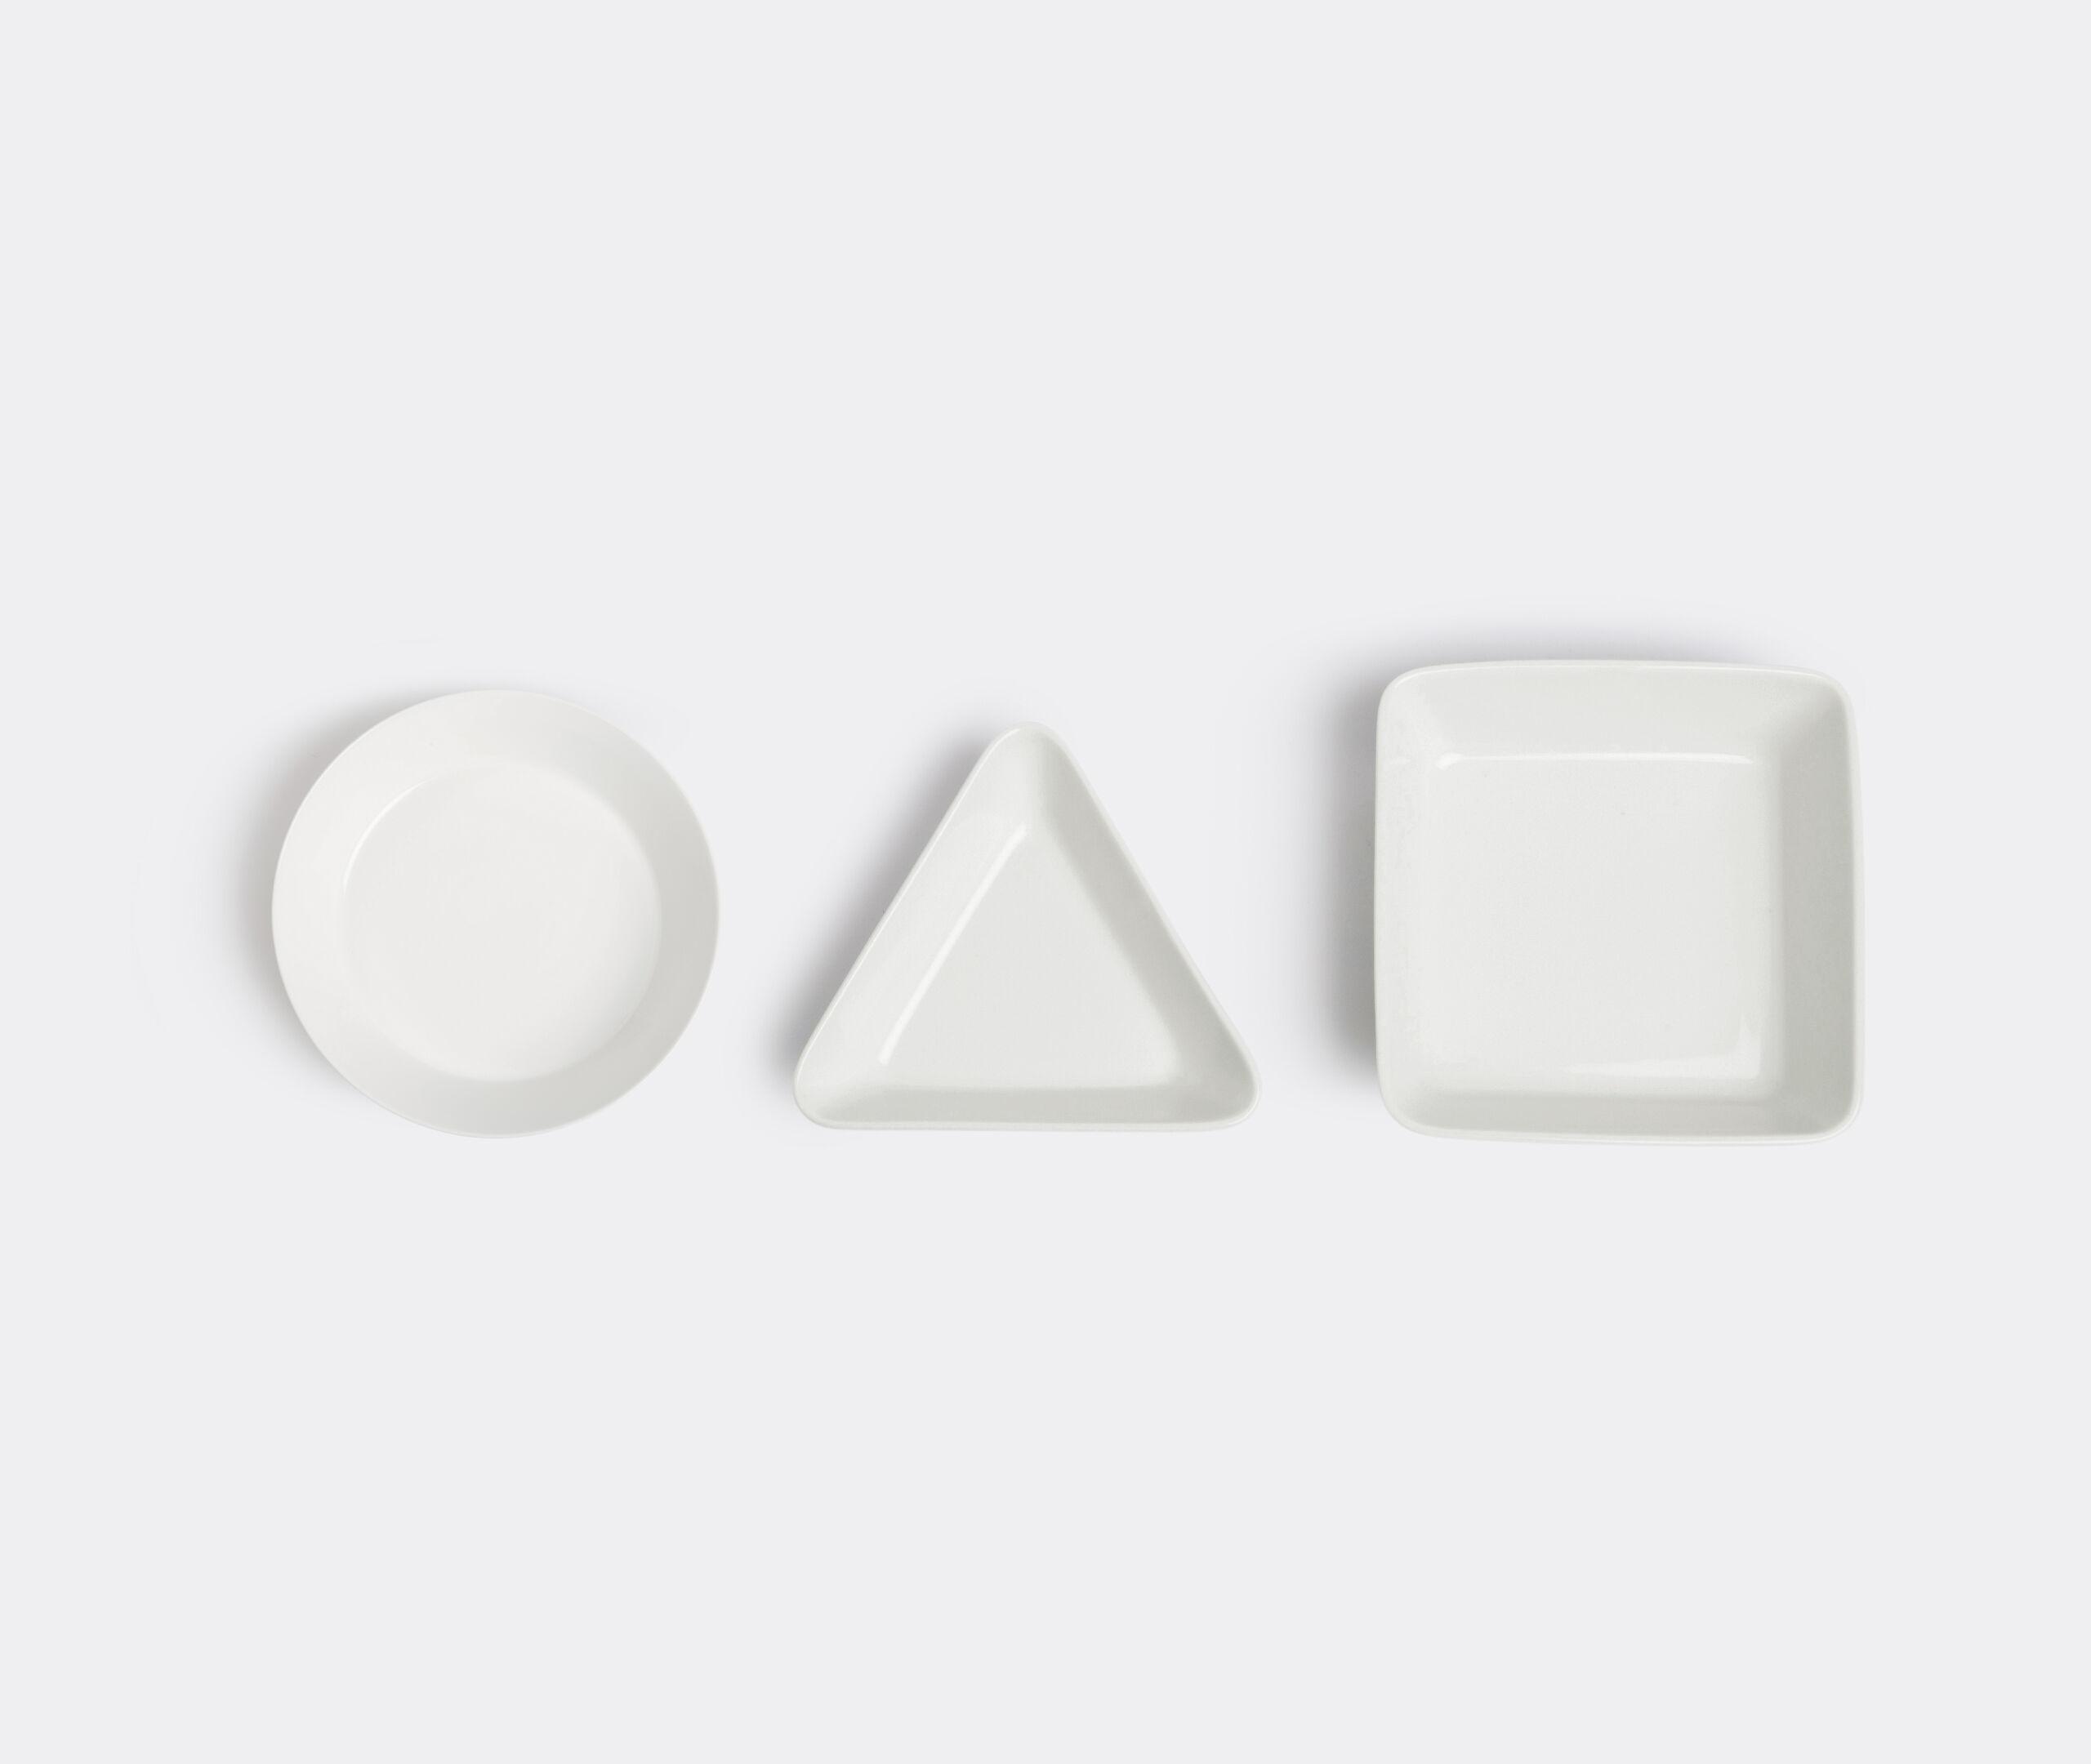 Teema Mini Serving SetPiattino Tondo, Quadrato E Triangolare